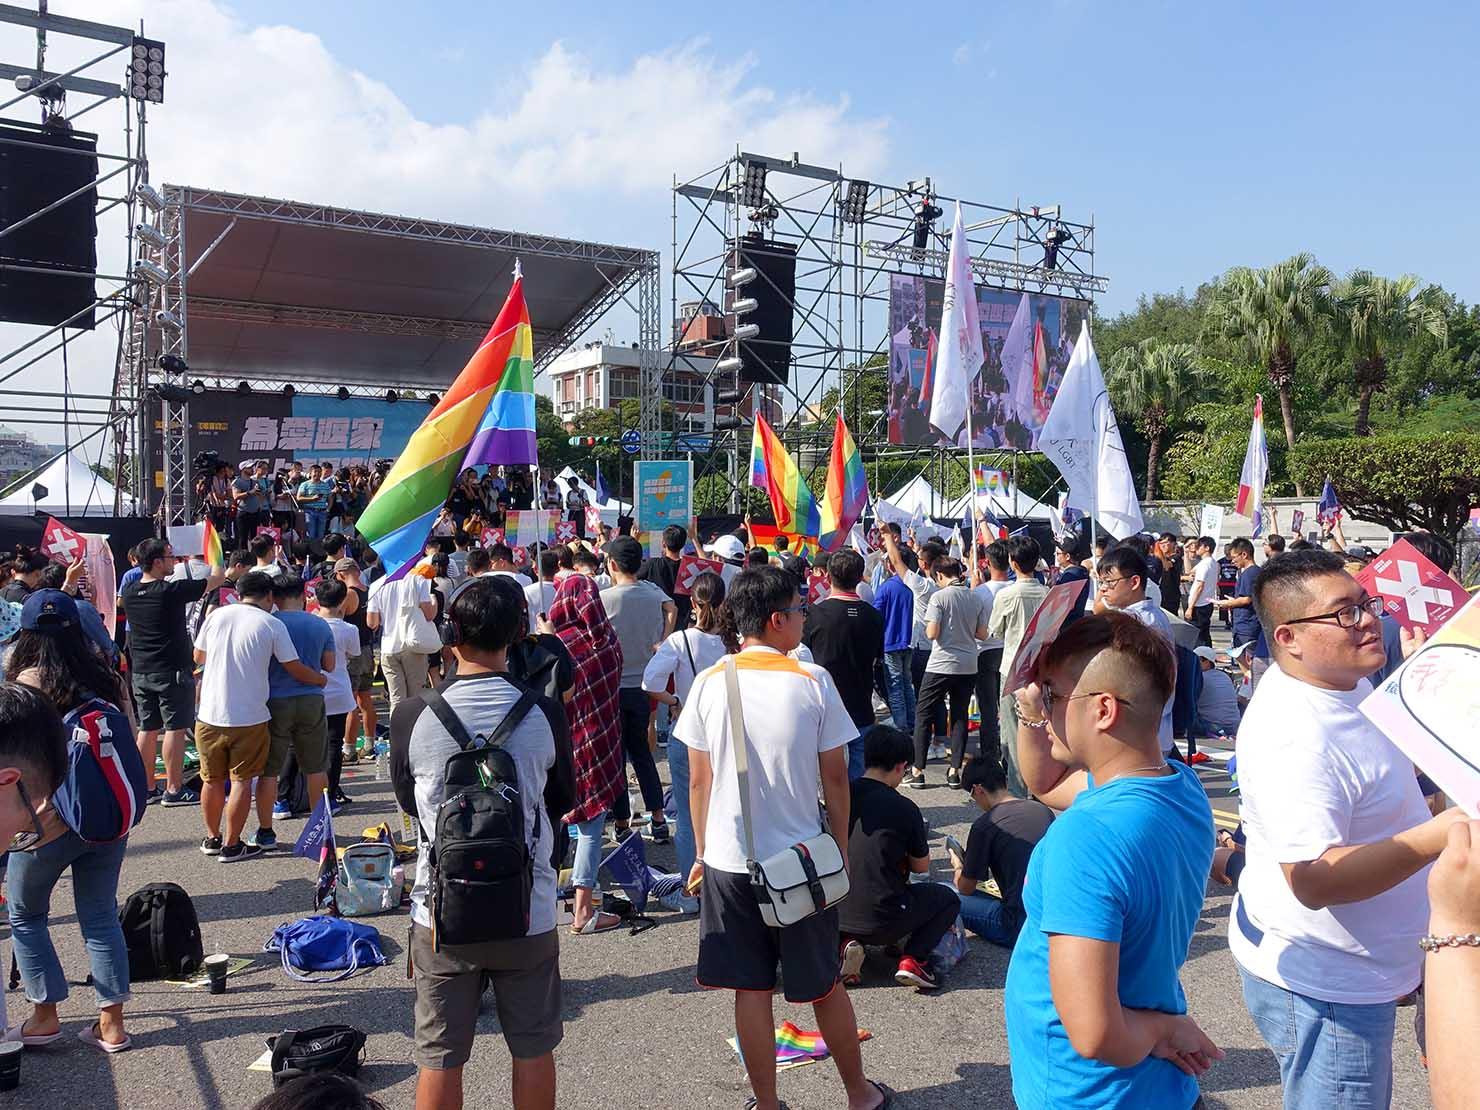 台湾のLGBT音楽イベント『為愛返家音樂會』会場のステージ前